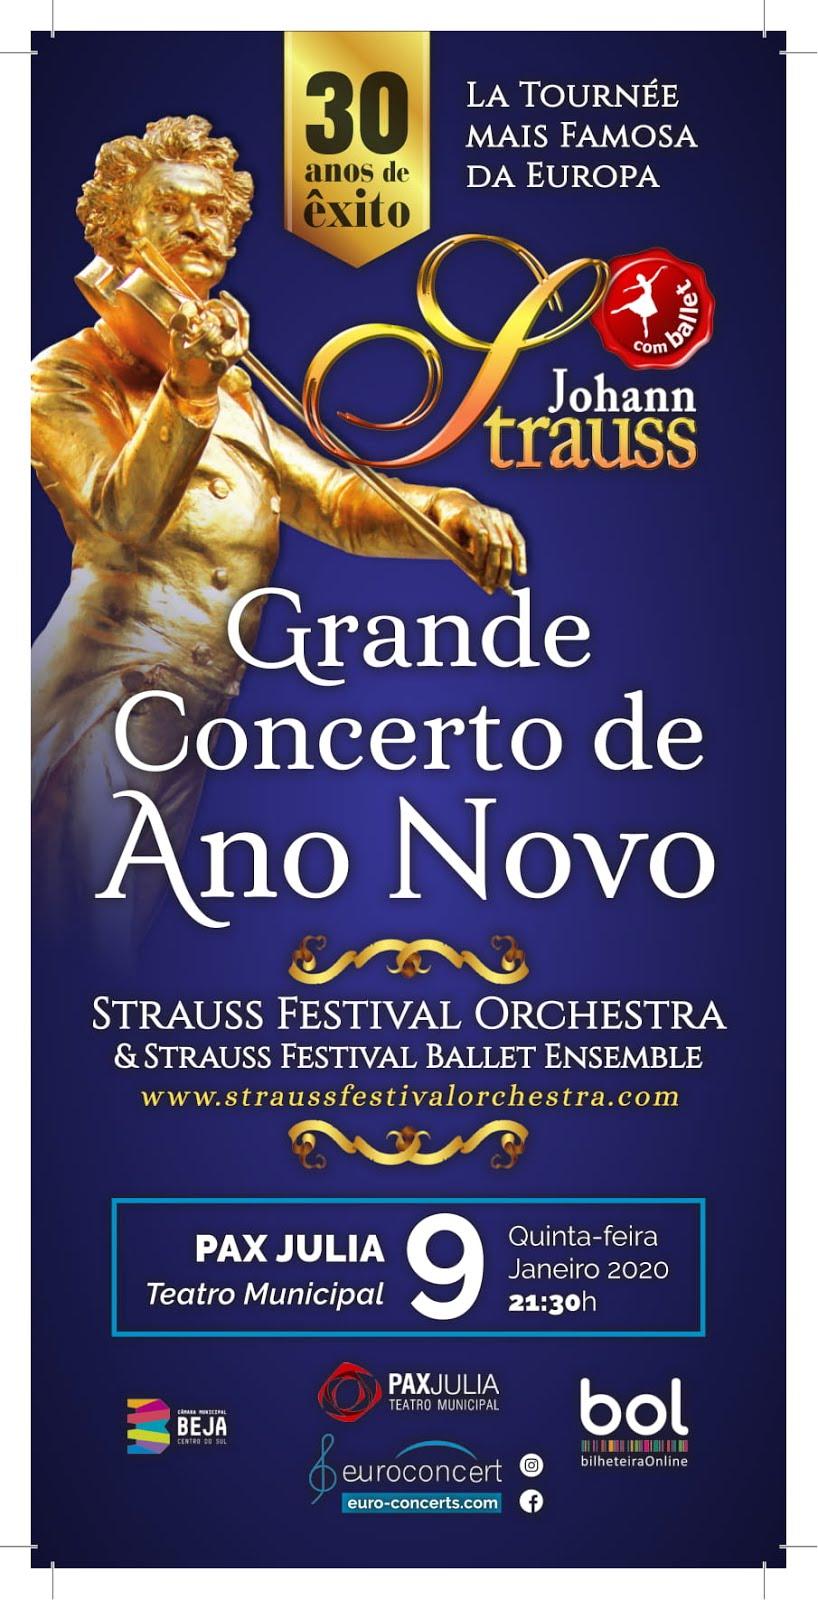 GRANDE CONCERTO DE ANO NOVO   JOHANN STRAUSS